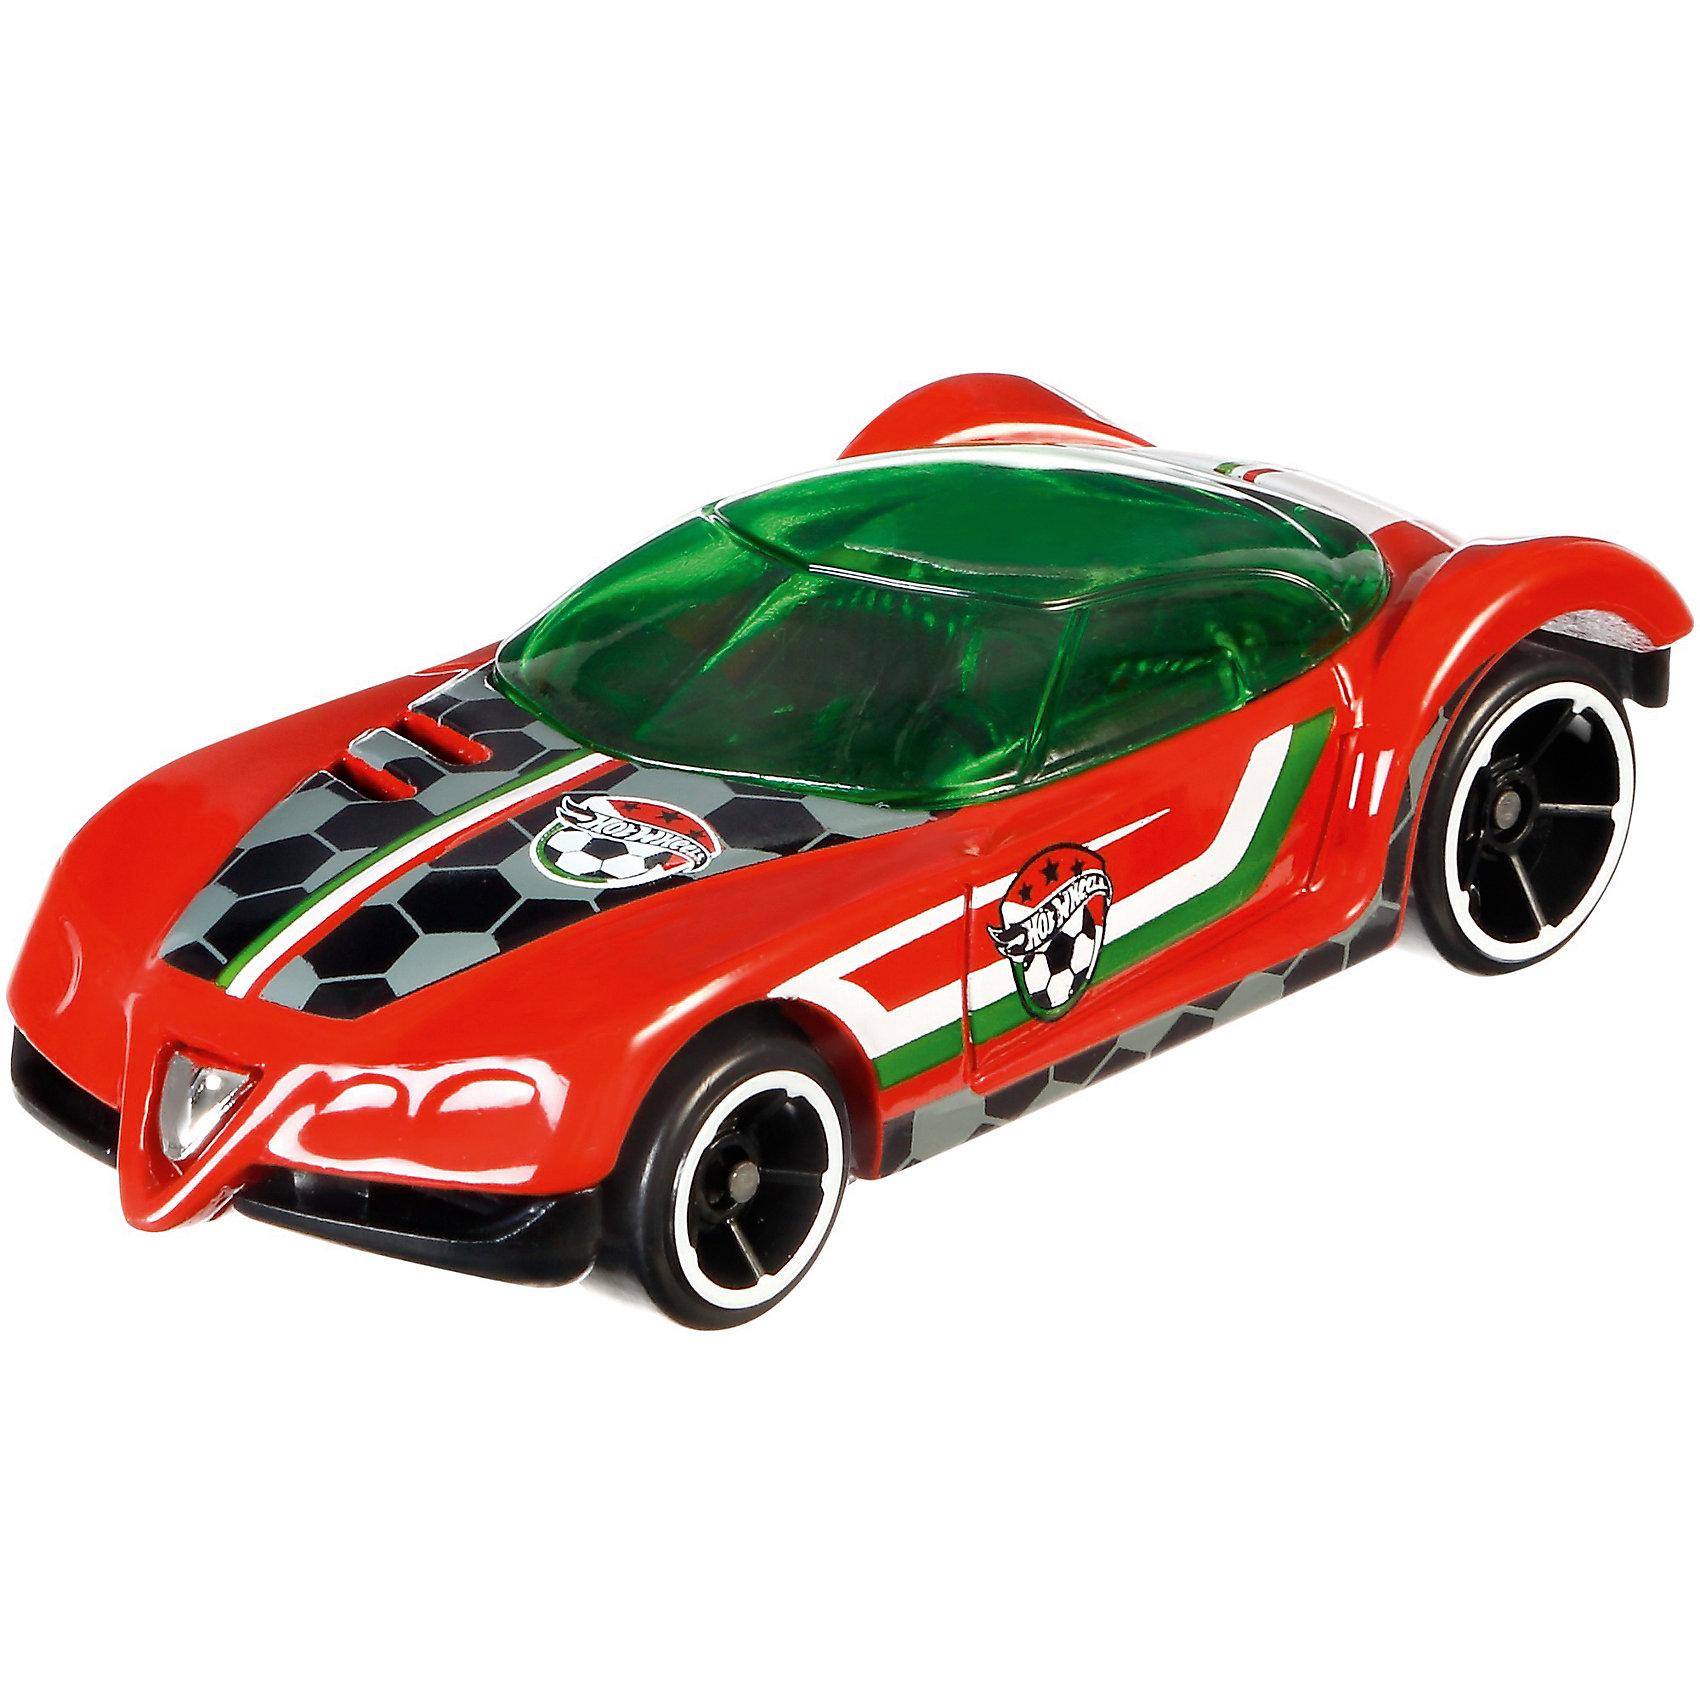 Коллекционная машинкаHot Wheels Golden ArrowКубок УЕФА, 1:64Машинки<br>Характеристики товара:<br><br>• возраст: от 3 лет;<br>• материал: пластик;<br>• в комплекте: машинка;<br>• длина машинки: 7 см;<br>• масштаб: 1:64;<br>• размер упаковки: 16,5х11х3,5 см;<br>• вес упаковки: 37 гр.;<br>• страна производитель: Тайланд.<br><br>Коллекционная машинка Golden Arrow Кубок УЕФА Hot Wheels создана специально в стиле футбольных команд-участниц Чемпионата Европы 2016. Машинка украшена логотипом одной из команд. Игрушка выполнена из качественного безопасного пластика.<br><br>Коллекционную машинку Golden Arrow Кубок УЕФА Hot Wheels можно приобрести в нашем интернет-магазине.<br><br>Ширина мм: 167<br>Глубина мм: 106<br>Высота мм: 20<br>Вес г: 37<br>Возраст от месяцев: 36<br>Возраст до месяцев: 72<br>Пол: Мужской<br>Возраст: Детский<br>SKU: 6973976